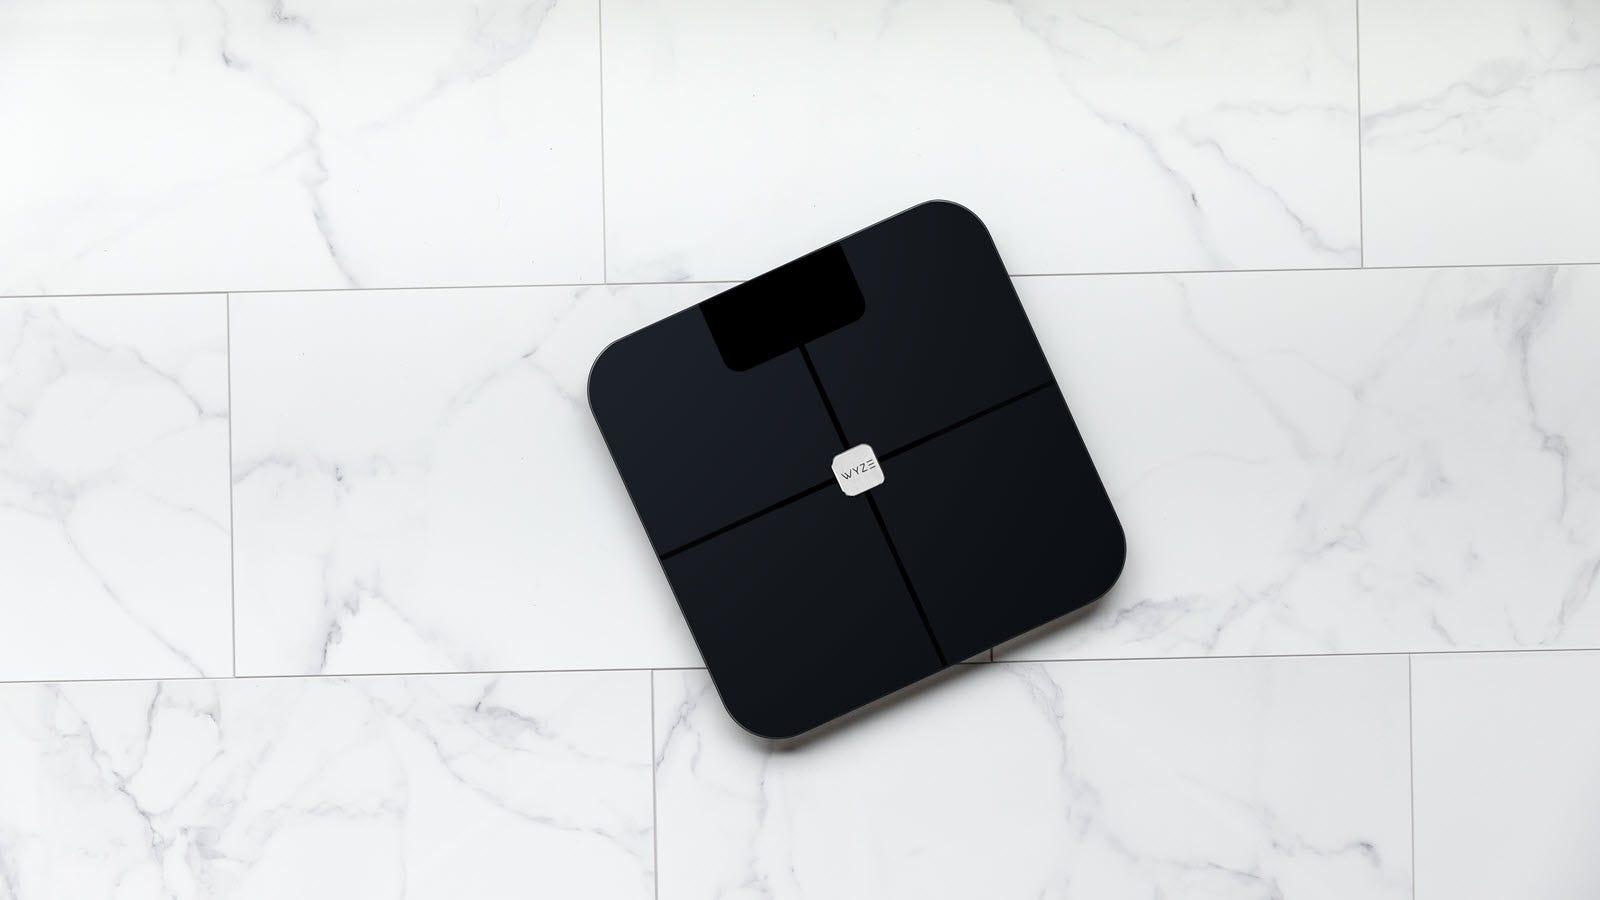 A Wyze Scale on a tile floor.